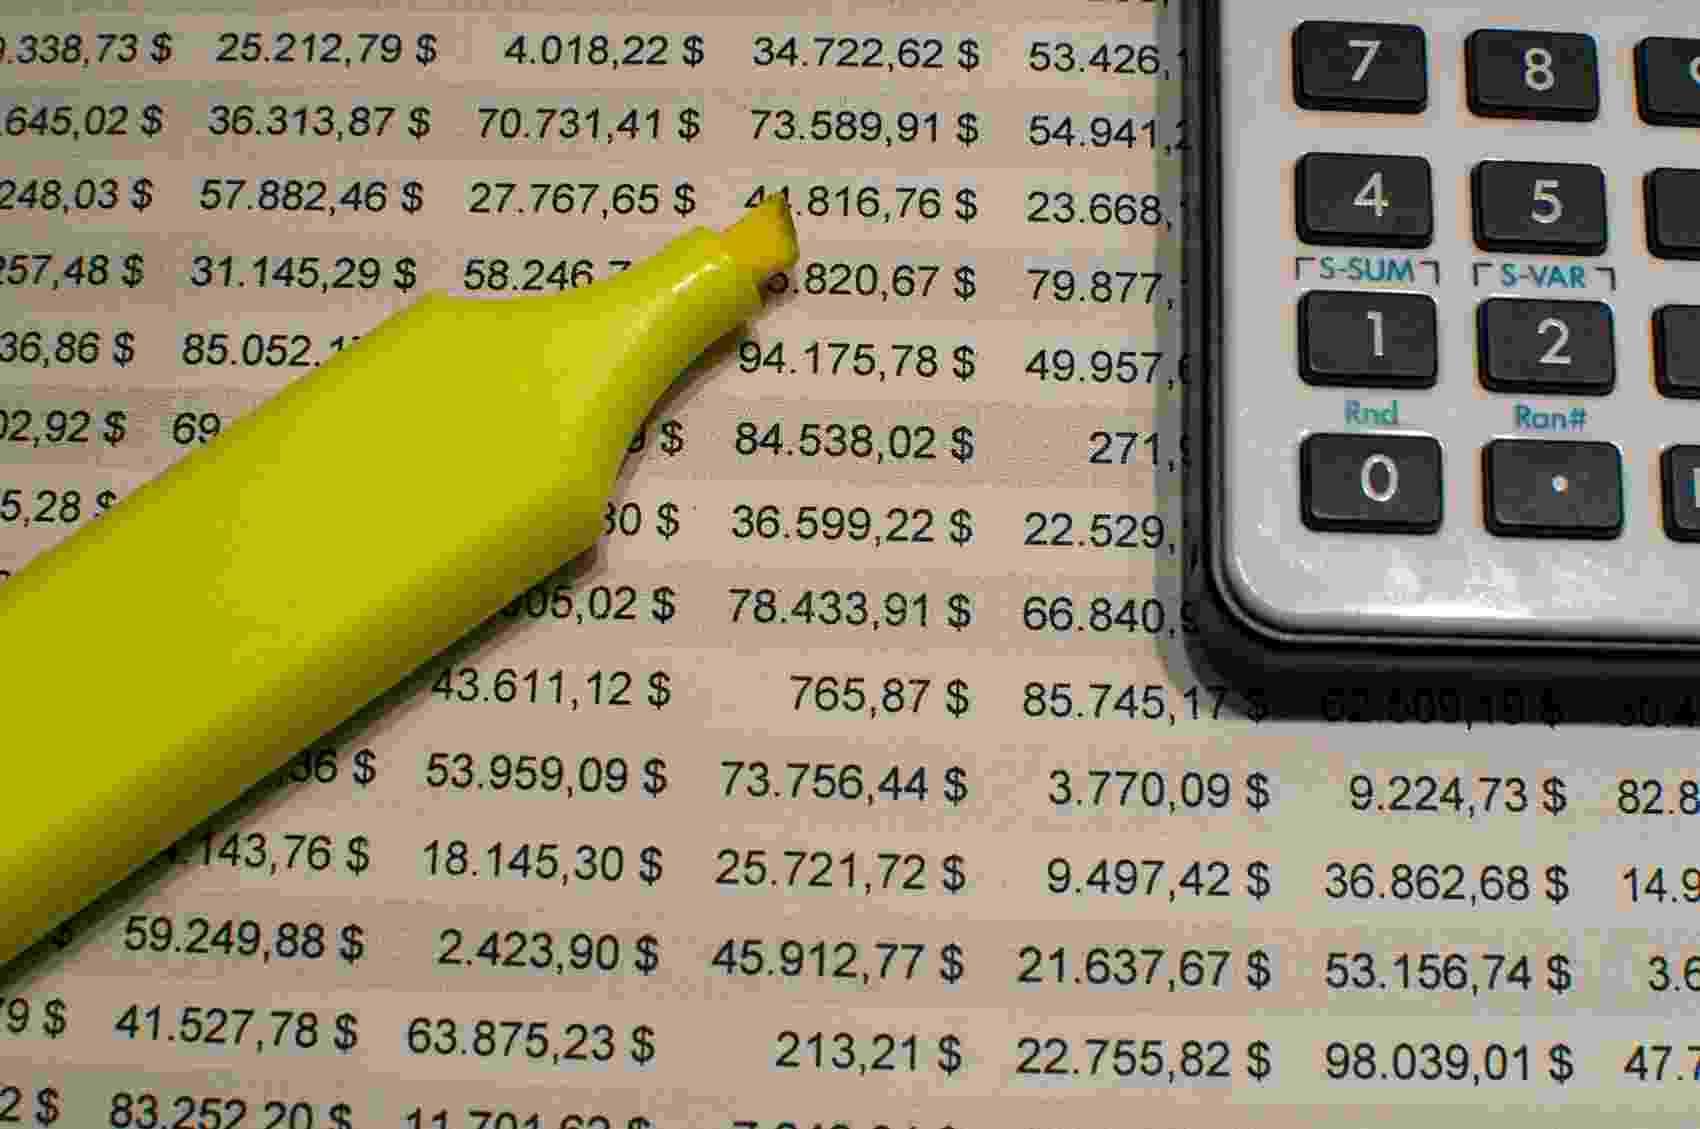 planilhas, dados, números, excel - iSTock